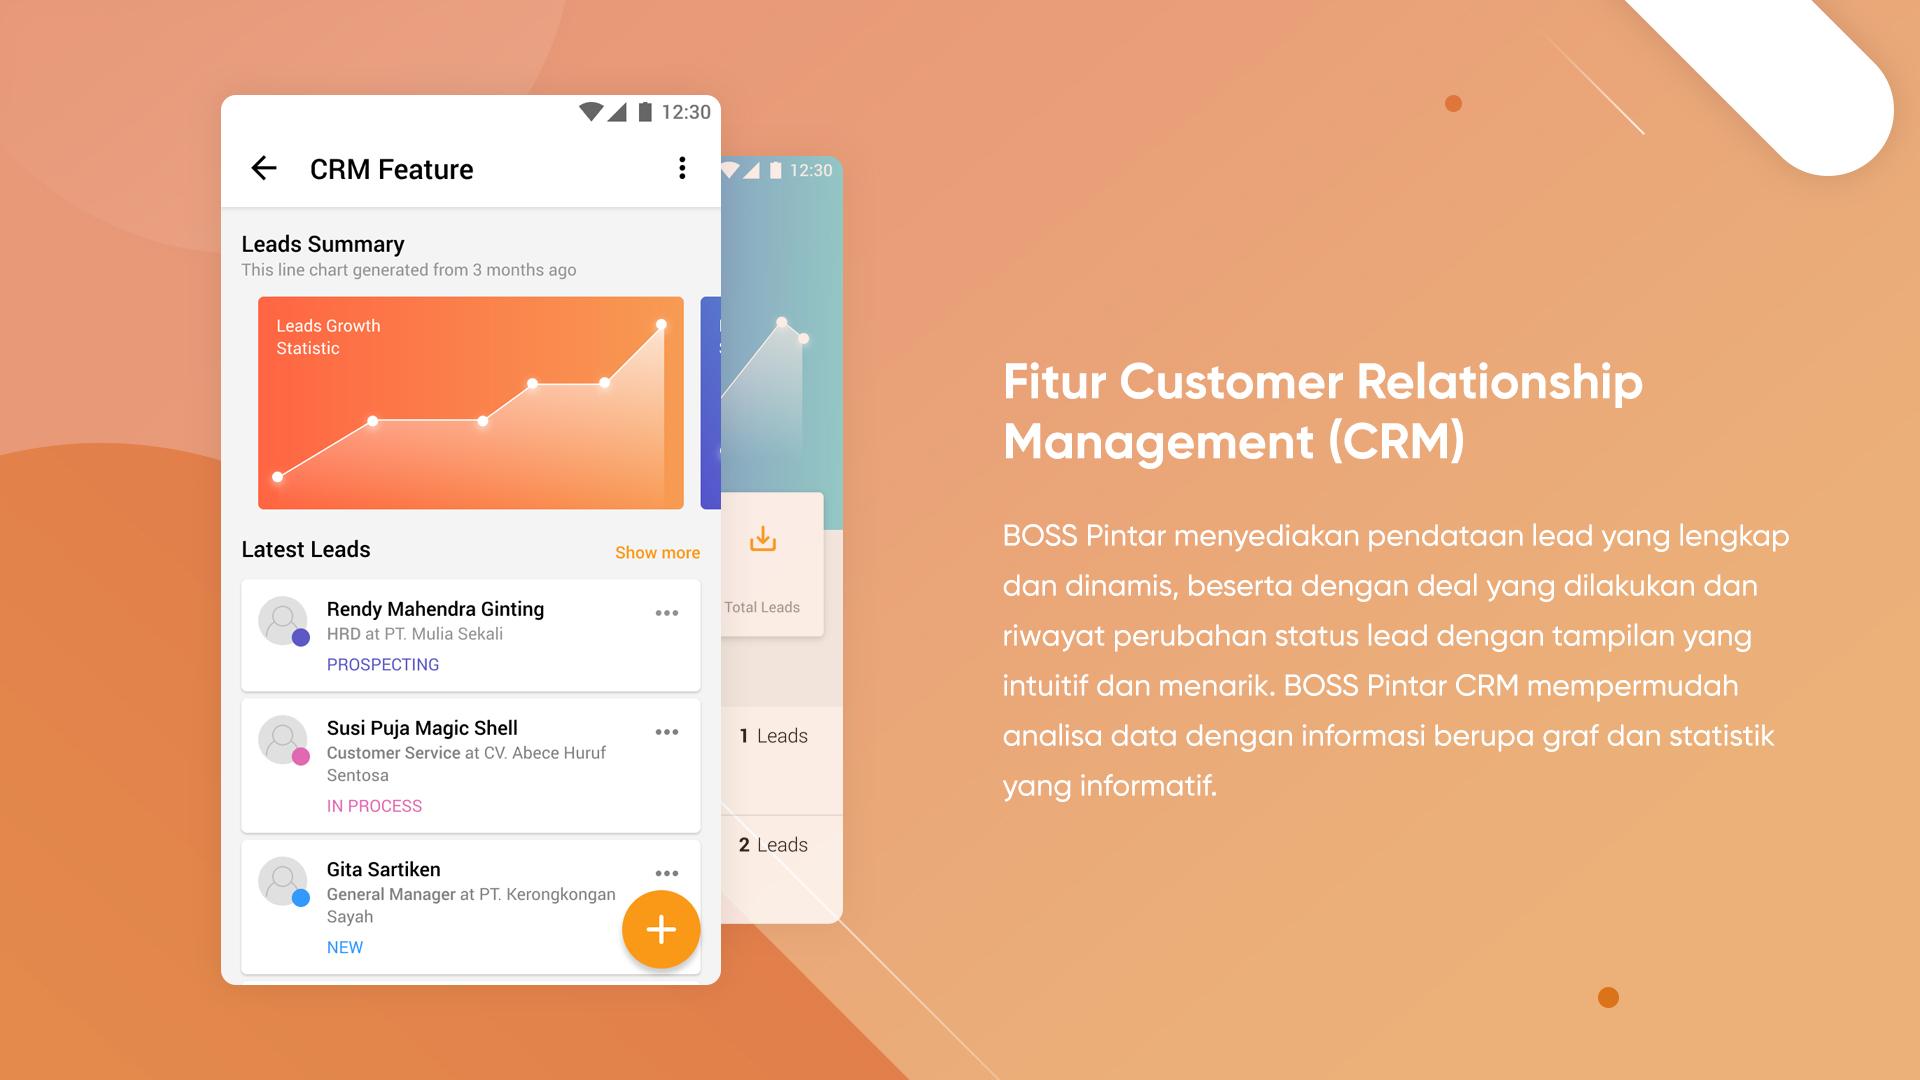 1. Fitur Customer Relationship Management (CRM)